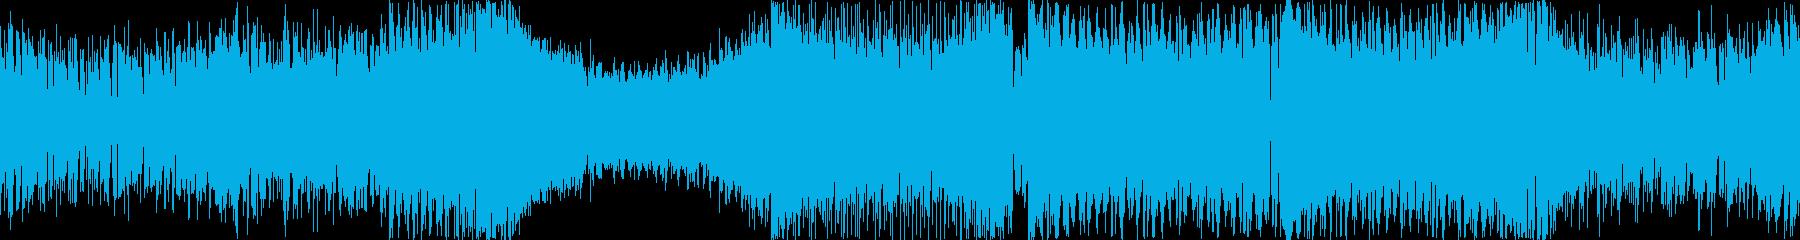 ループ可能 /軽快で疾走感のあるトランスの再生済みの波形